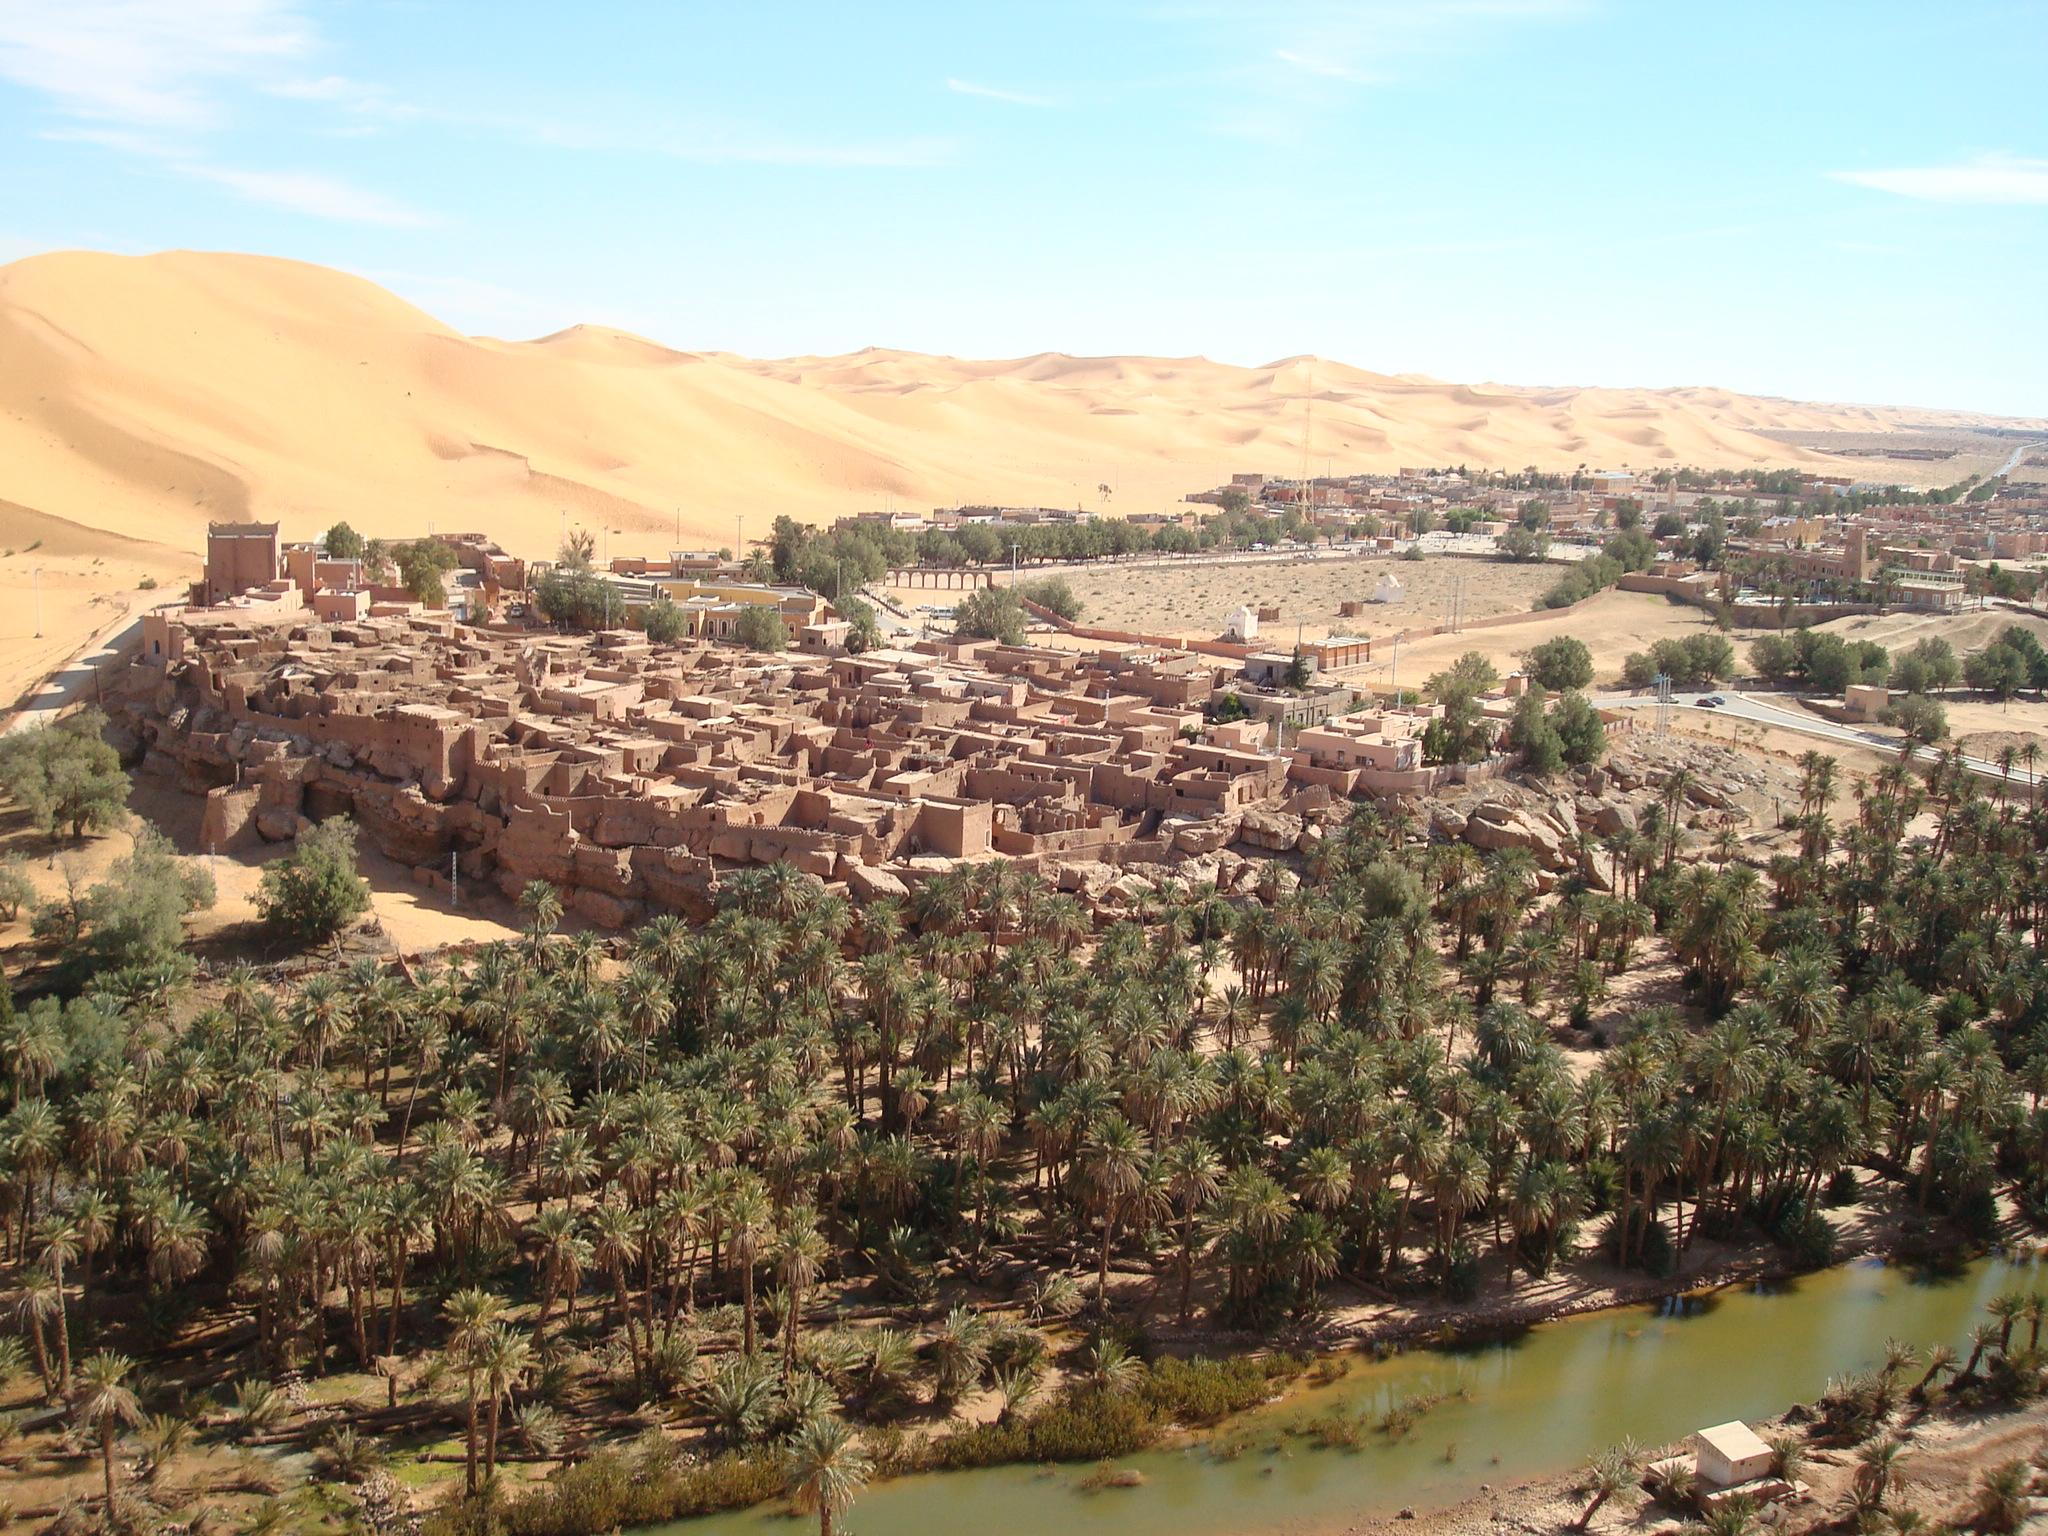 Le patrimoine Ksourien dans le Bas-Sahara algérien  dans Architecture & Urbanisme Vue_de_Taghit